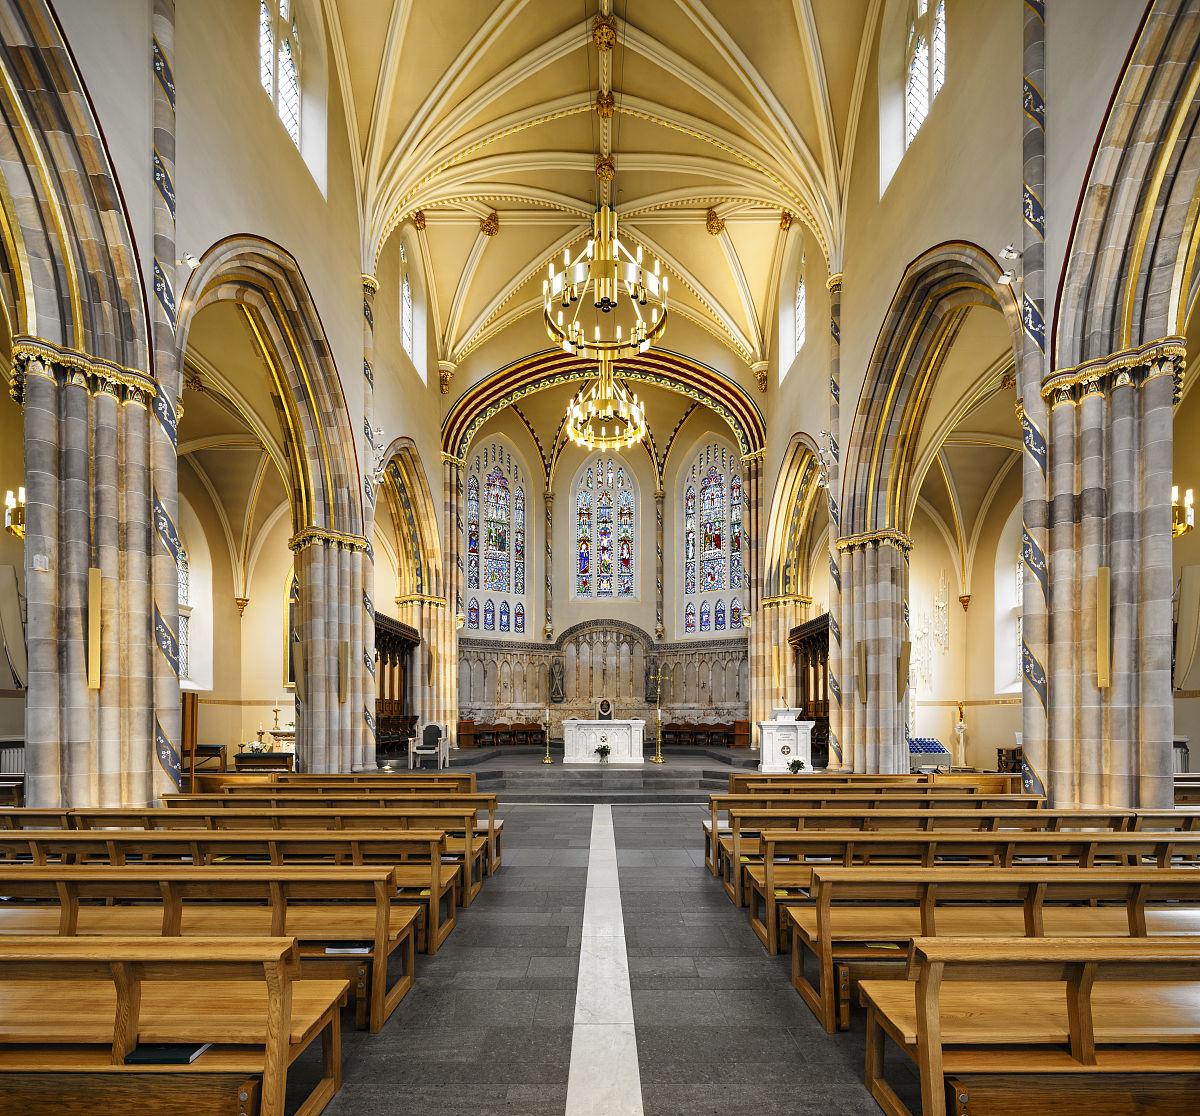 欧洲,,圣安德鲁斯大教堂图片